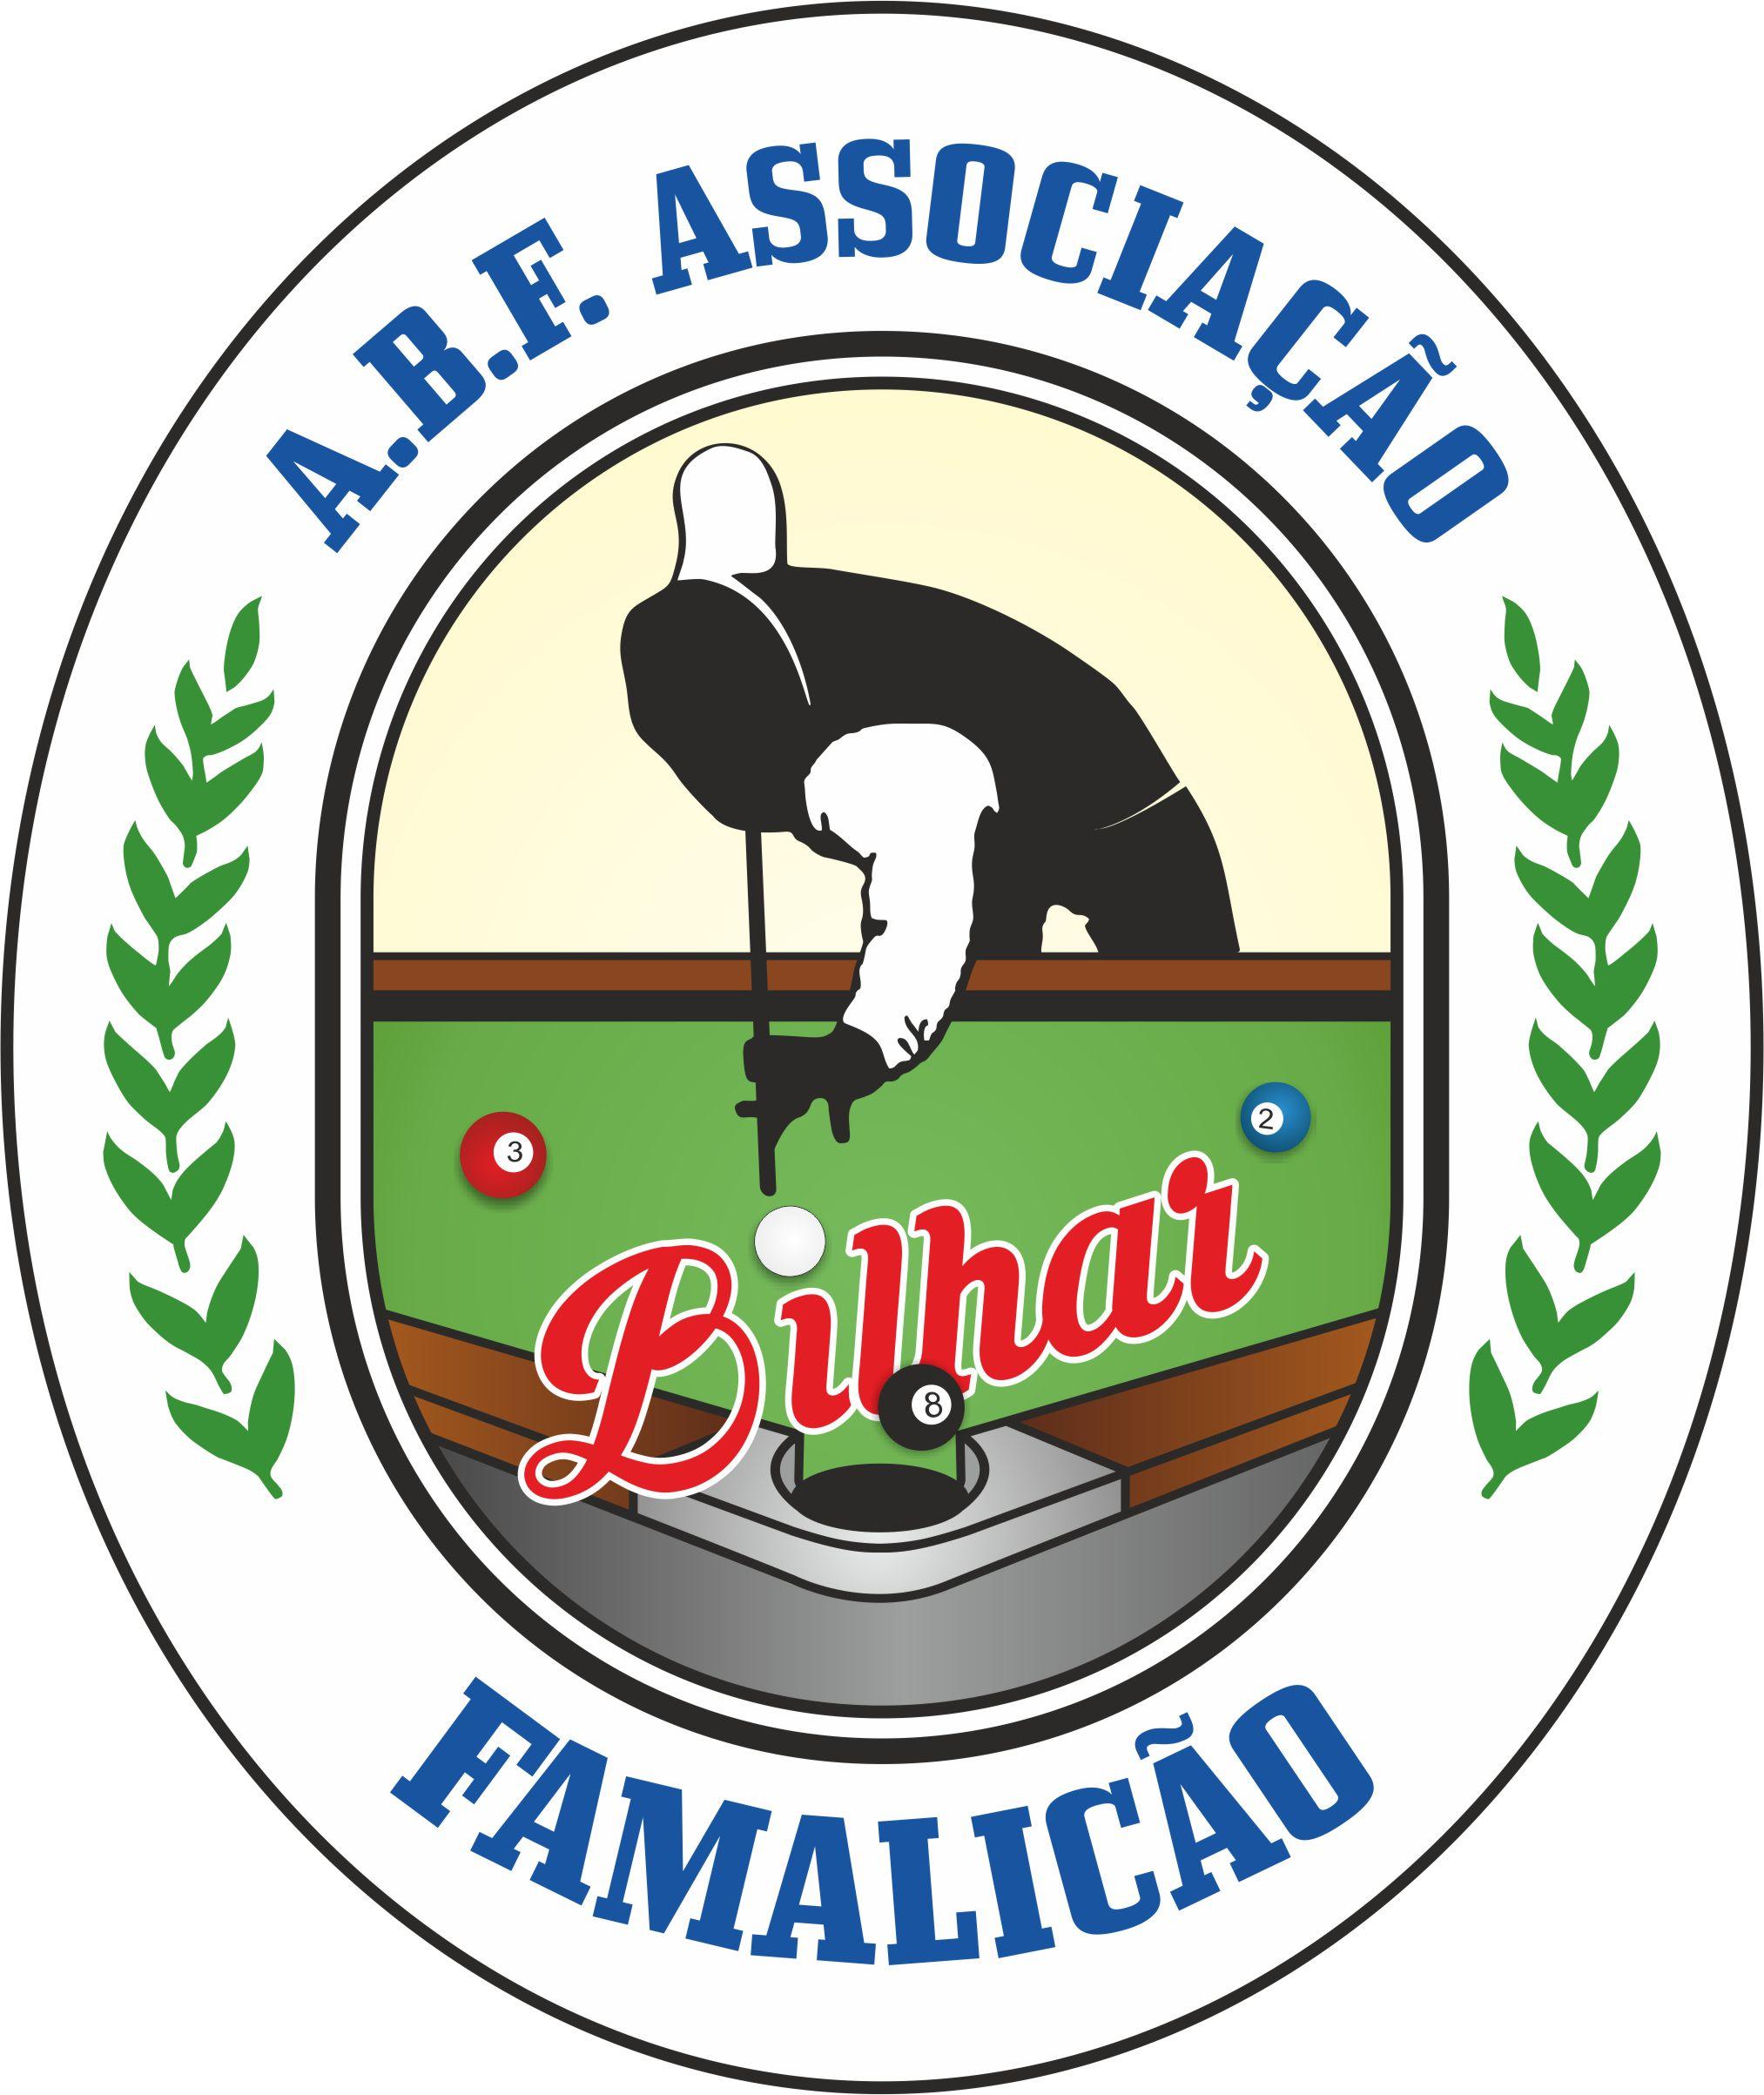 Associação Bilhar Famalicão